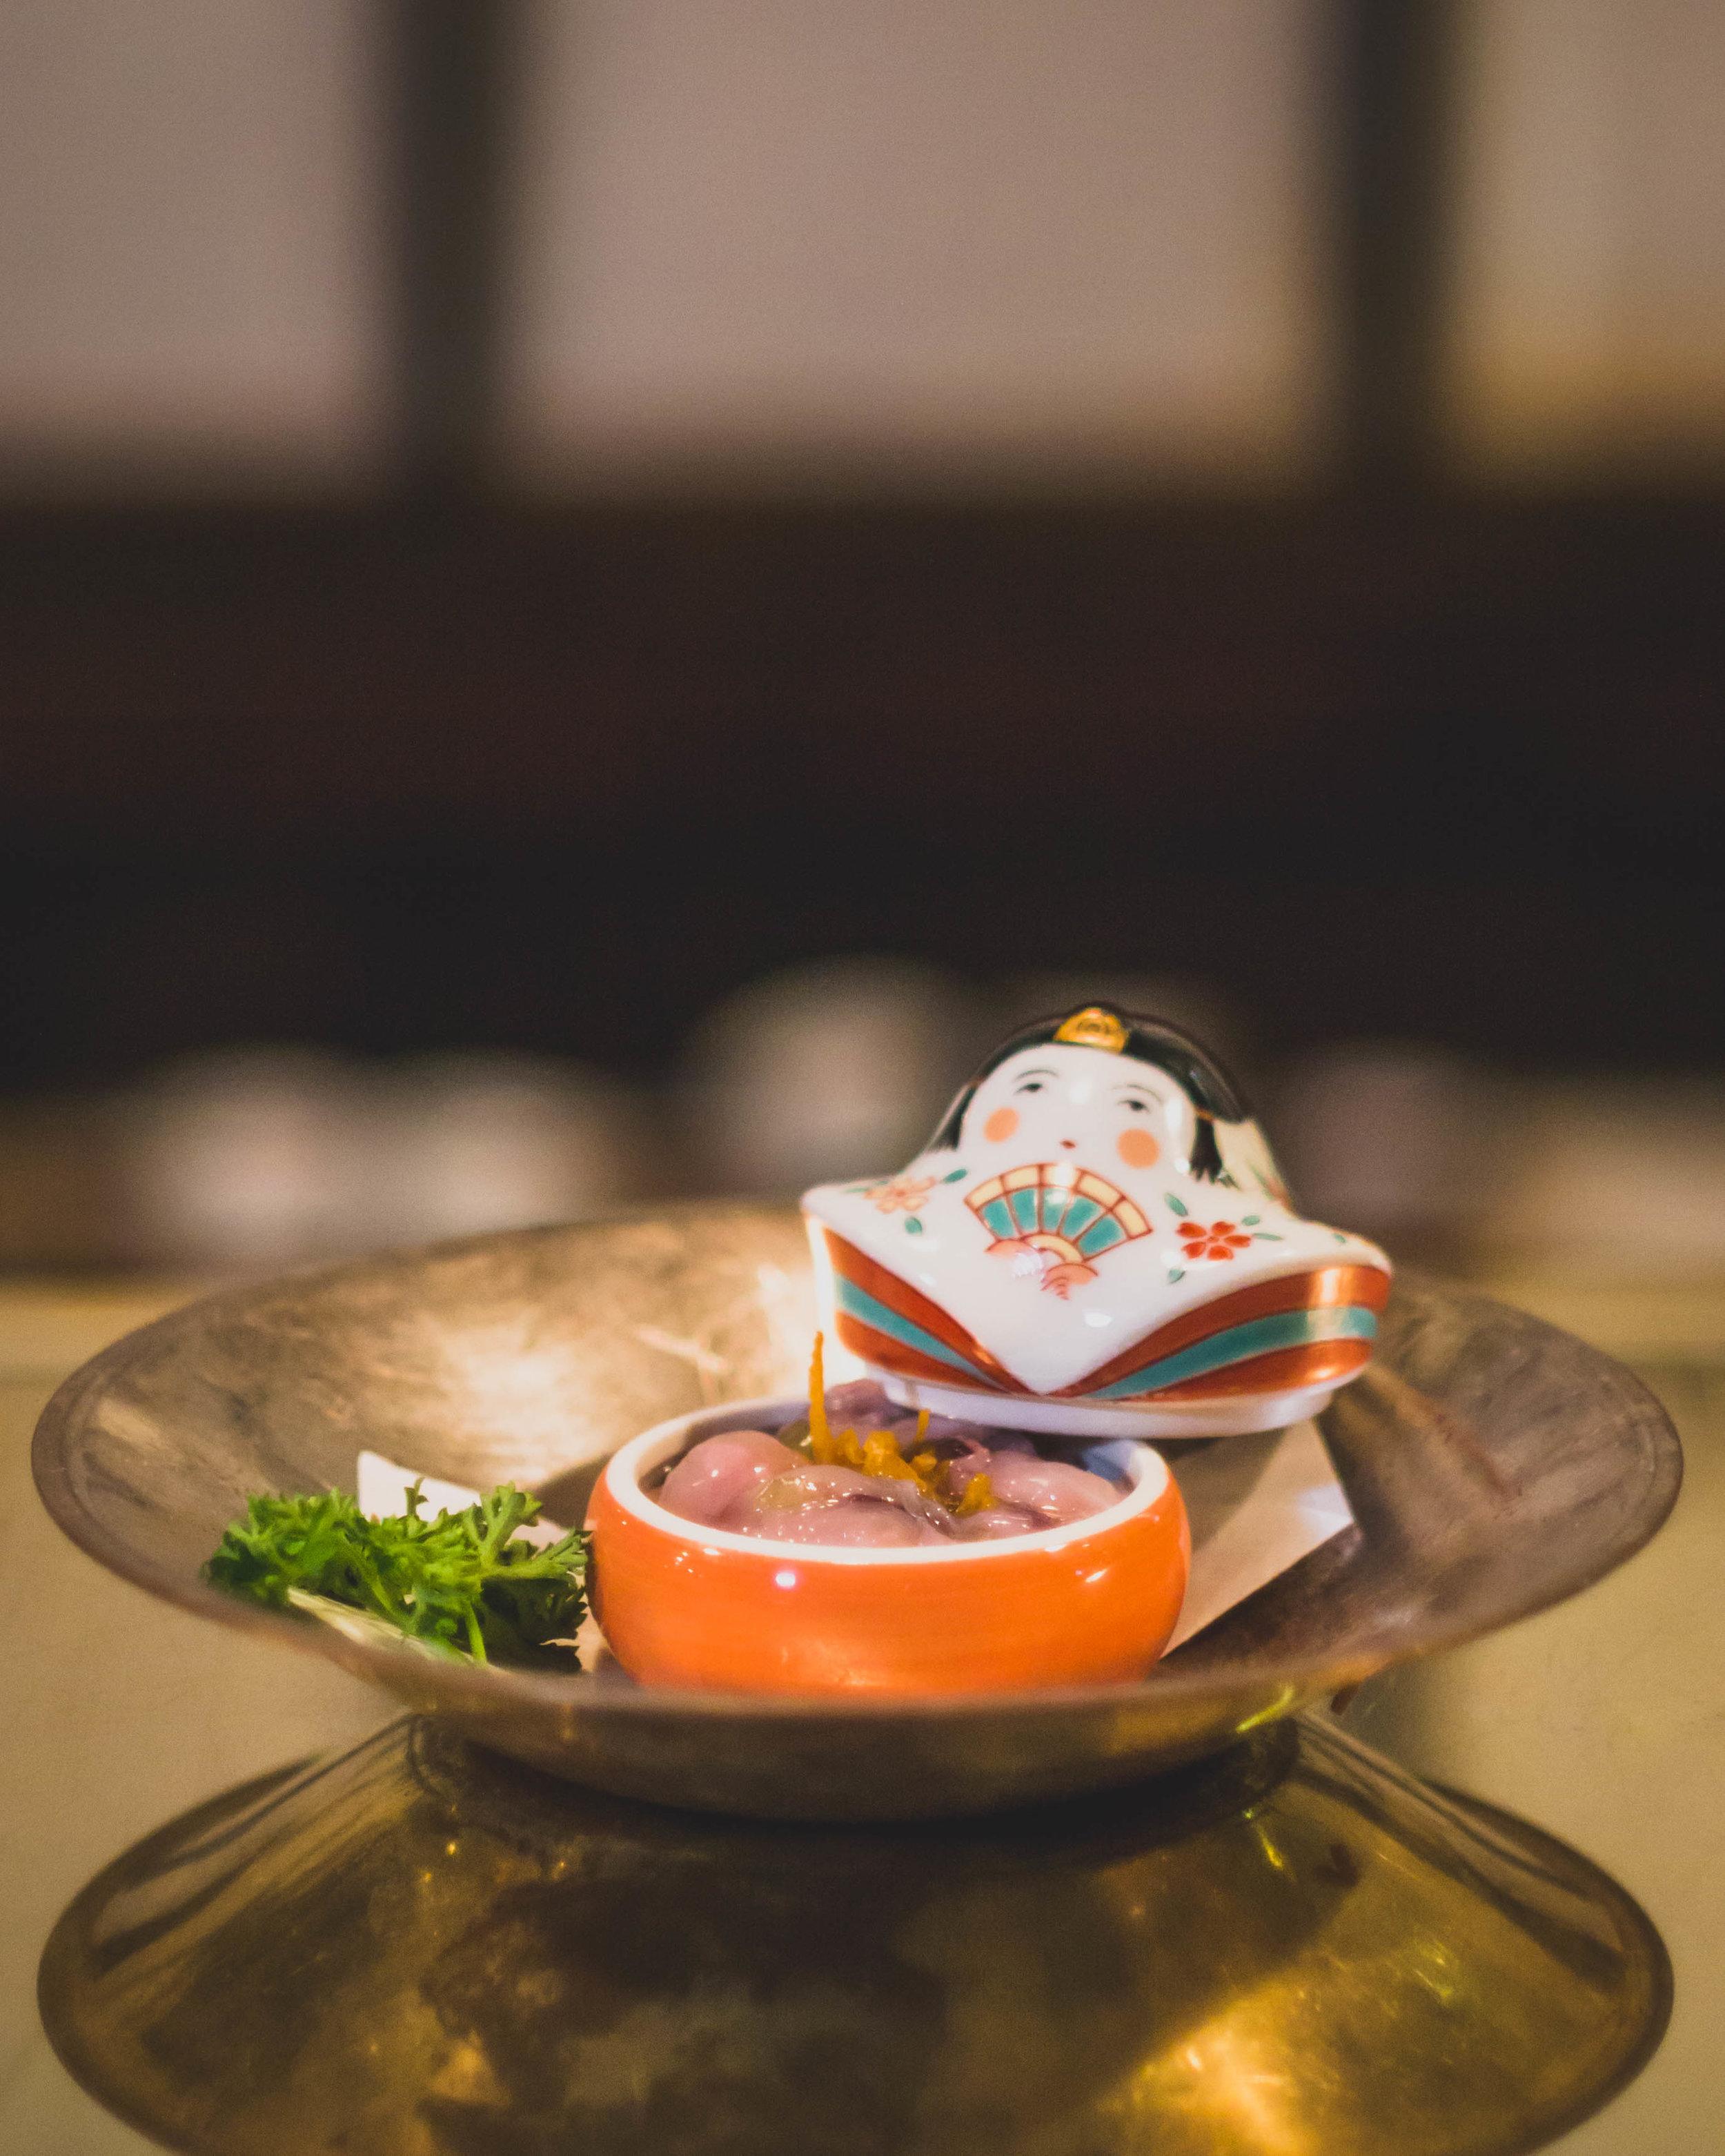 TAKOWASA* - Chopped raw octopus w/ Wasabi sauce